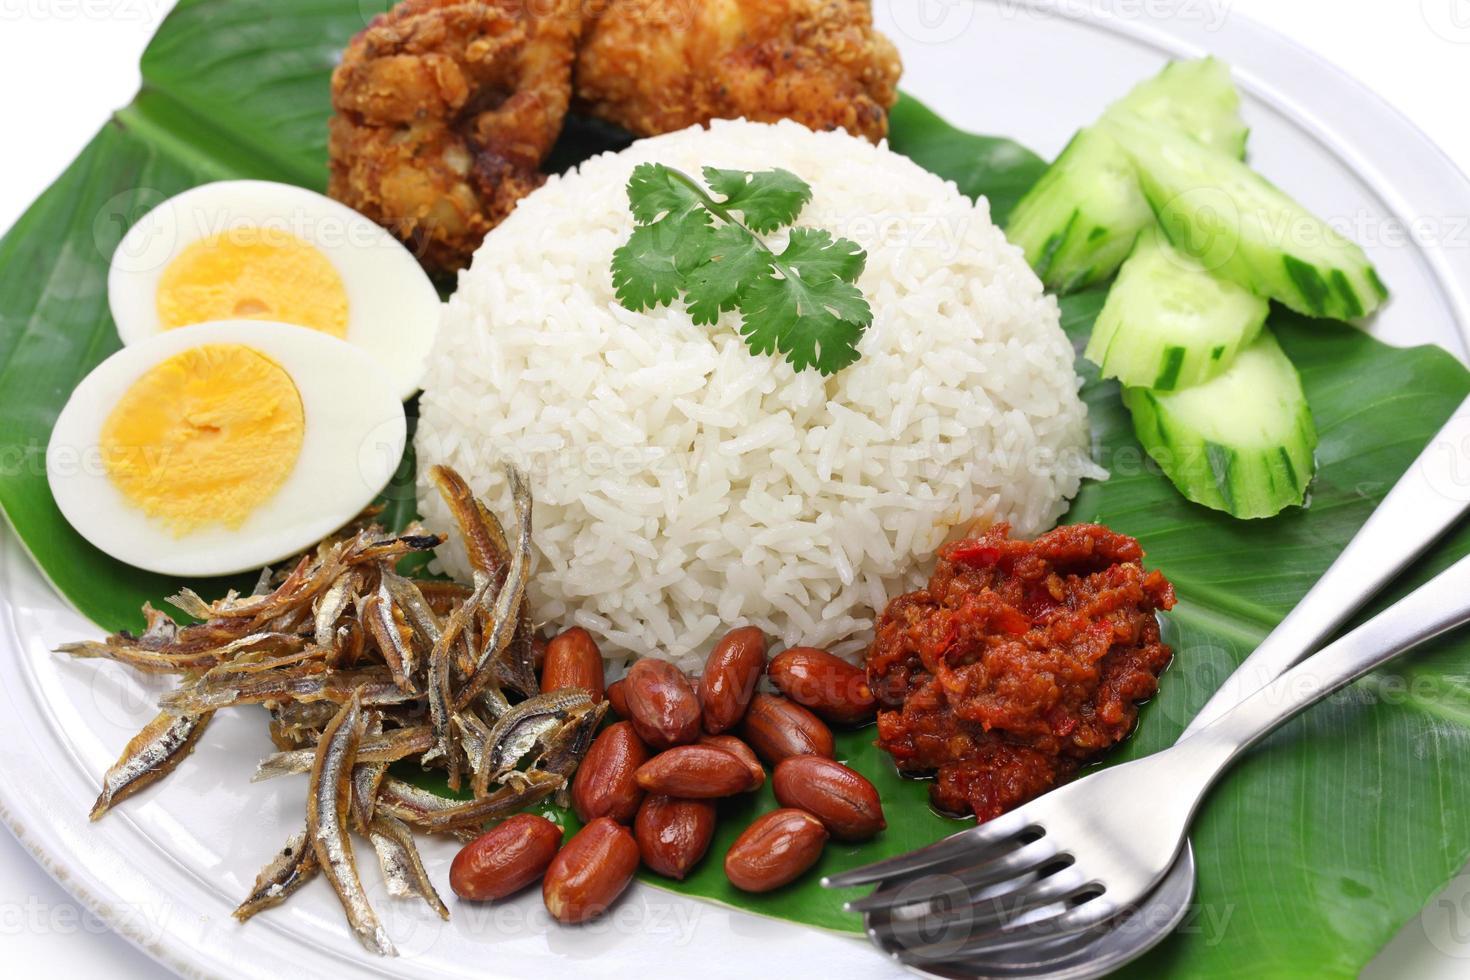 nasi lemak, kokosmelkrijst, maleisische keuken foto